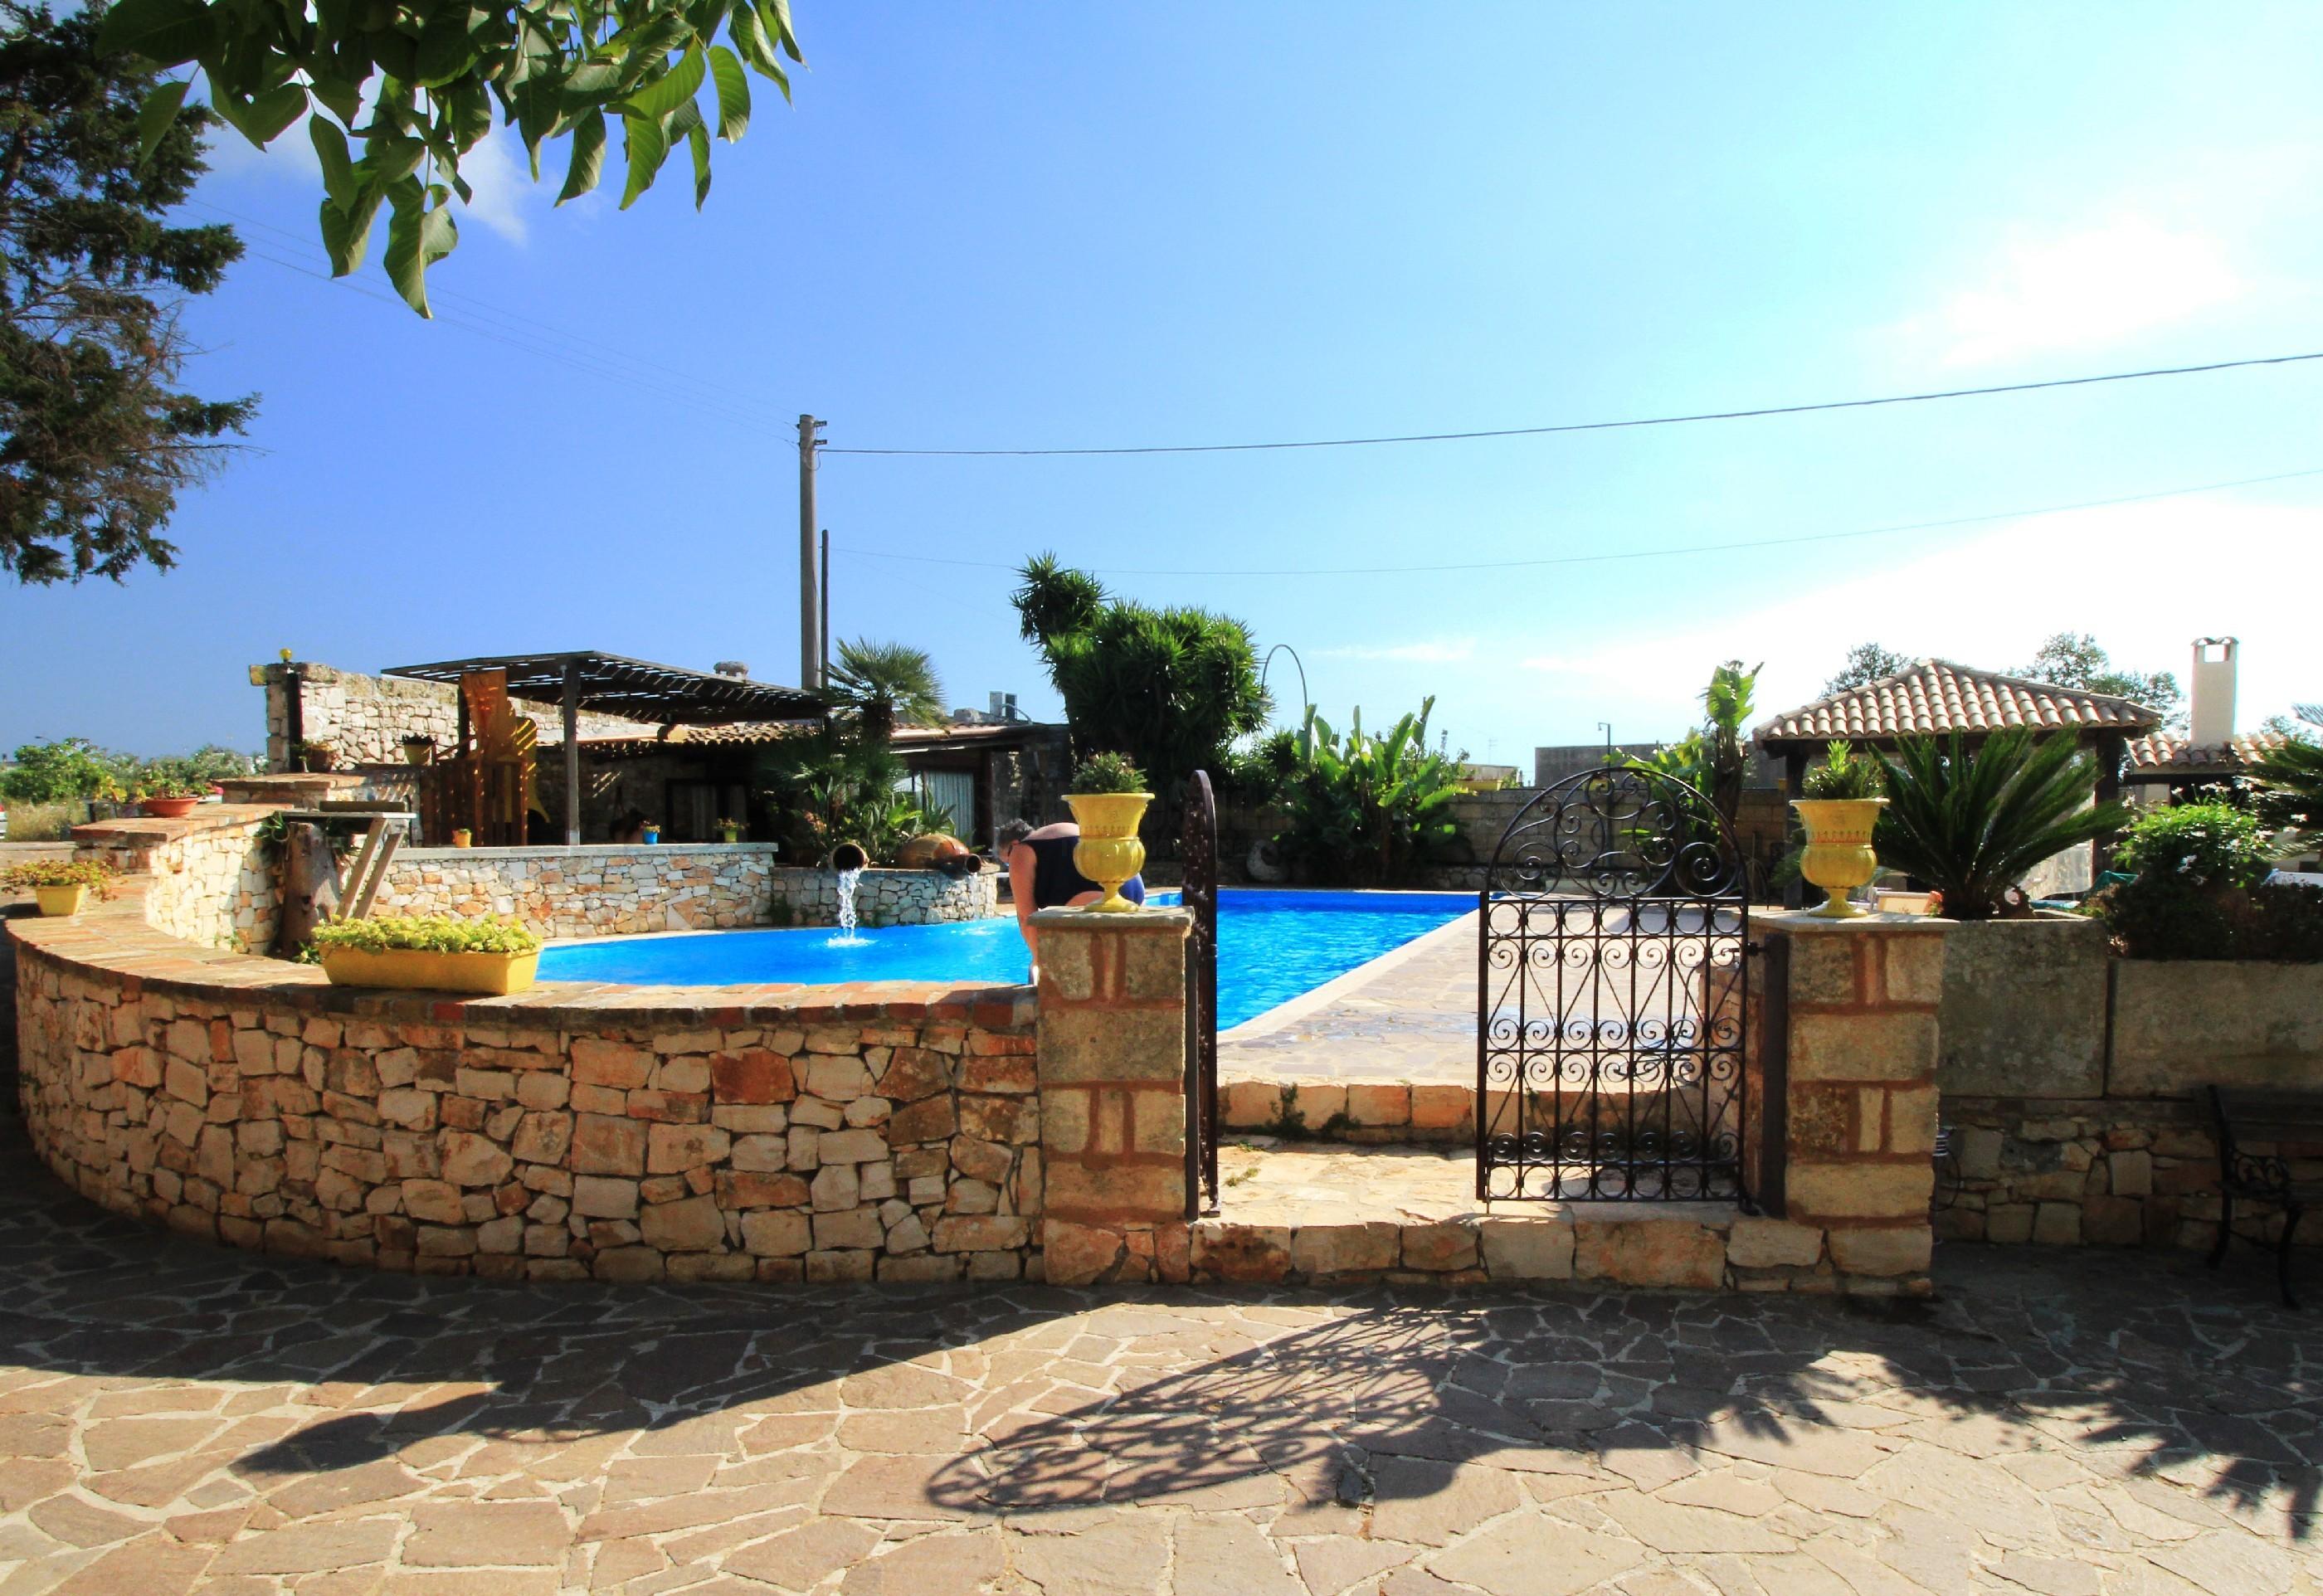 Apartment Merlo Trullo con piscina photo 20369932